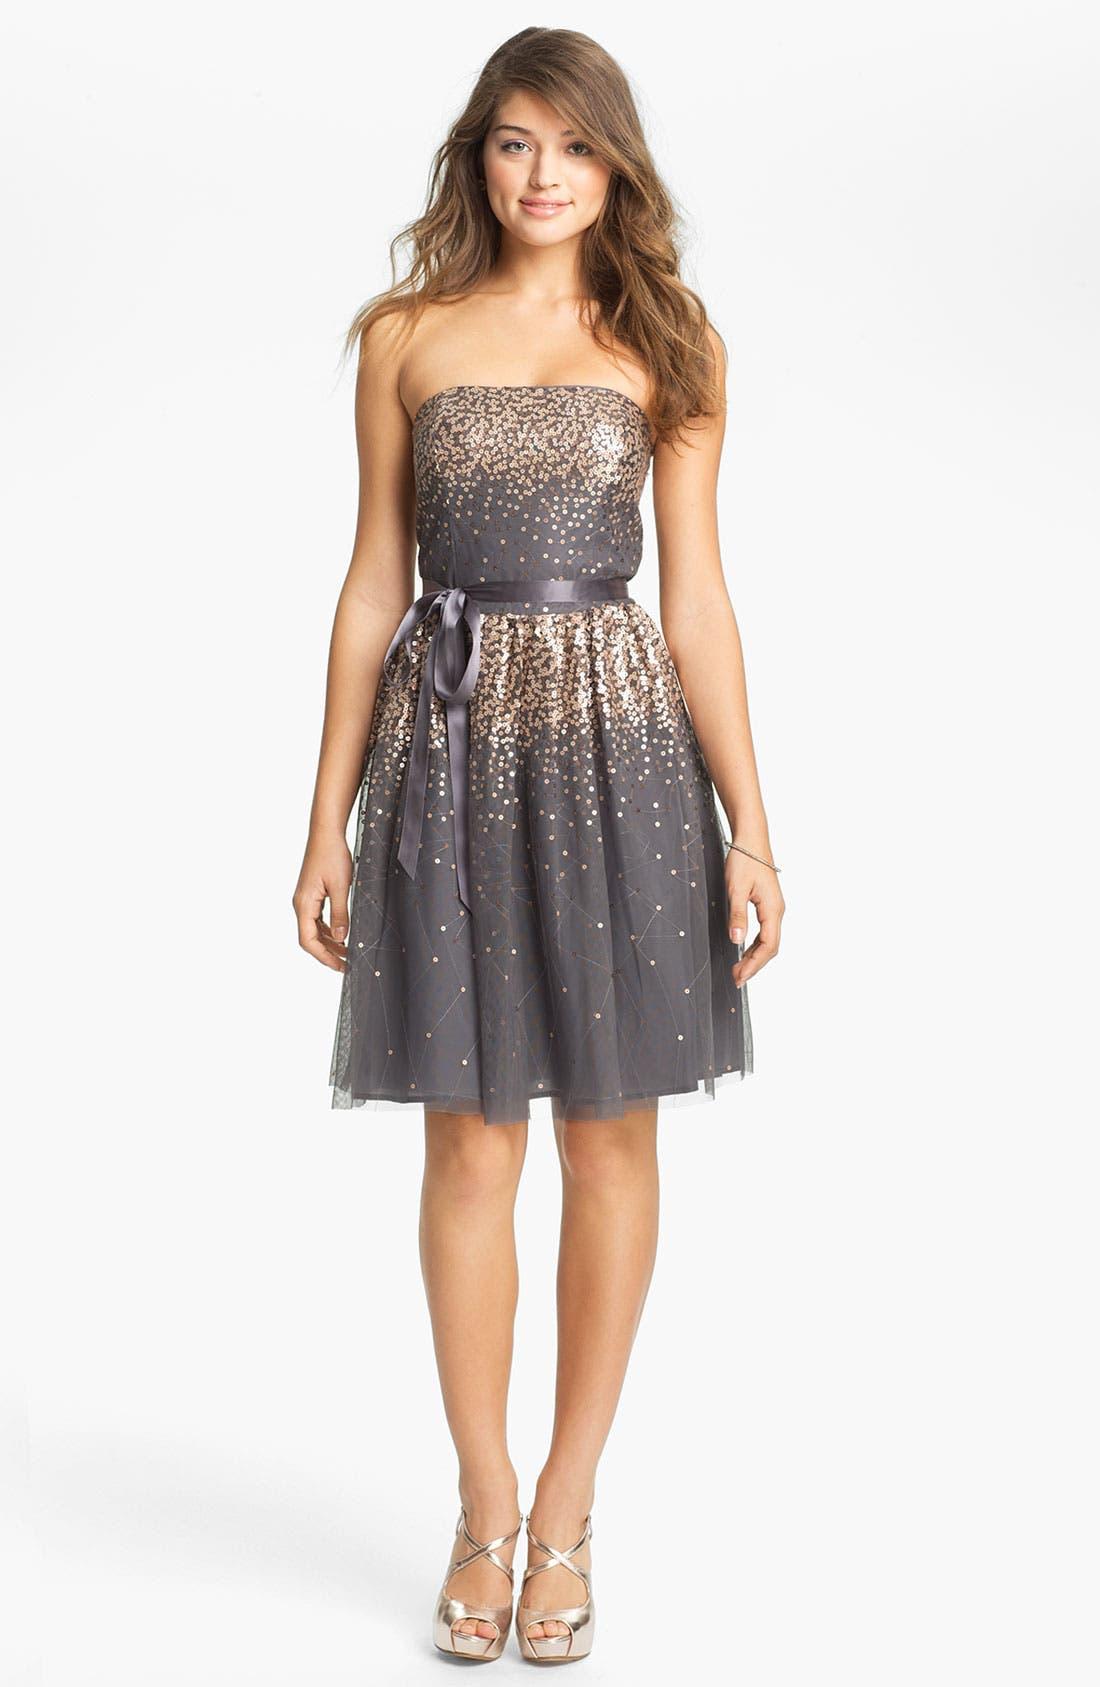 Alternate Image 1 Selected - Eliza J Embellished Tulle Fit & Flare Dress